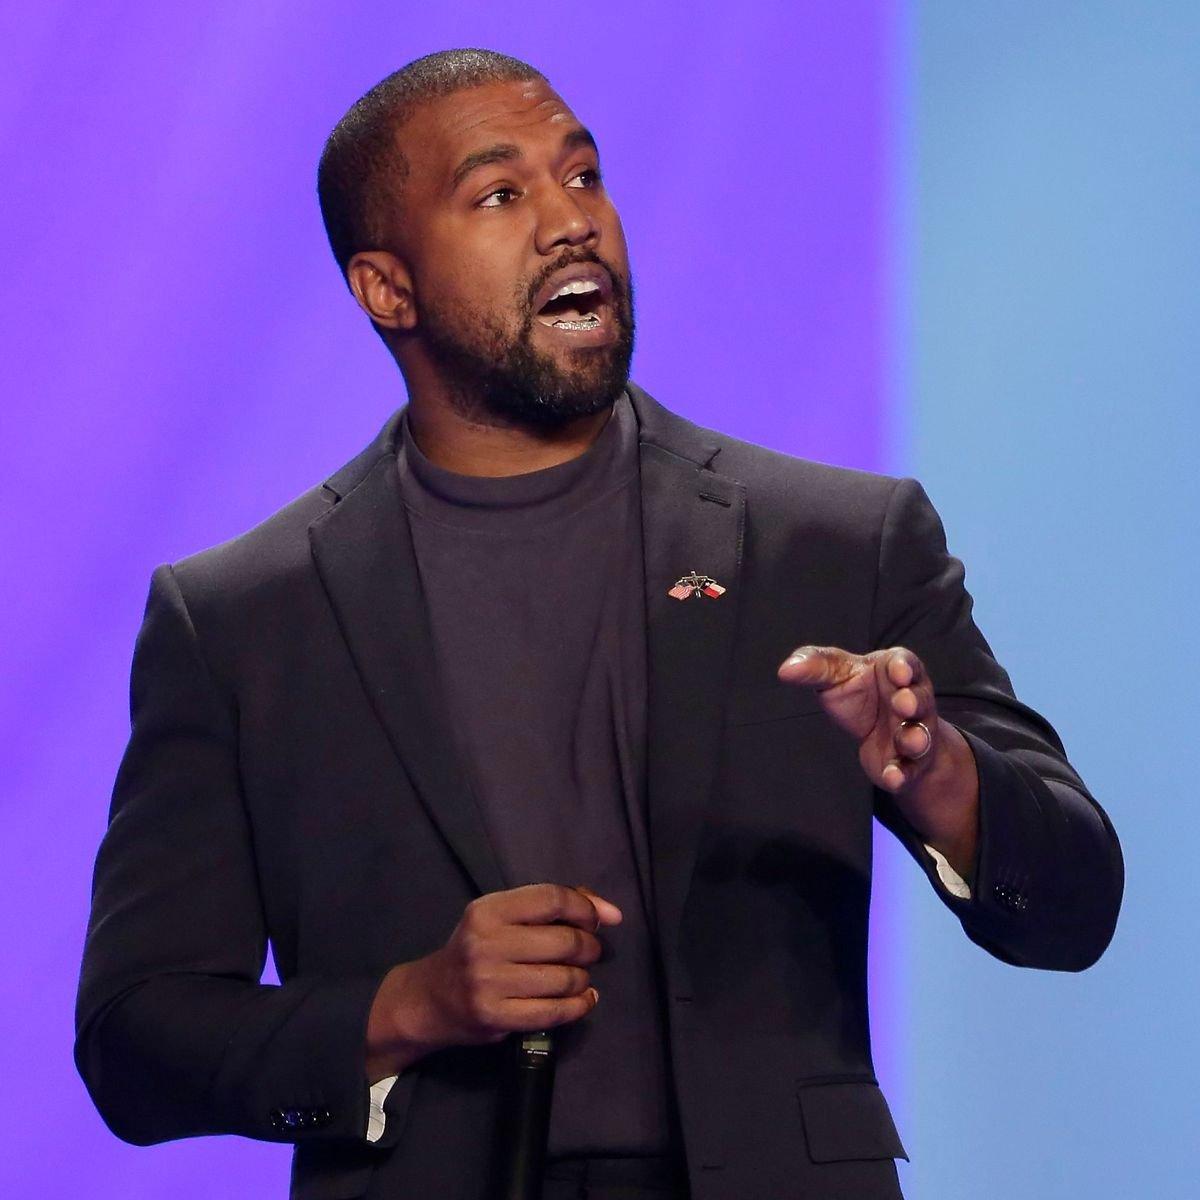 Kanye West Tackles Buhari On Twitter Over #EndSARS